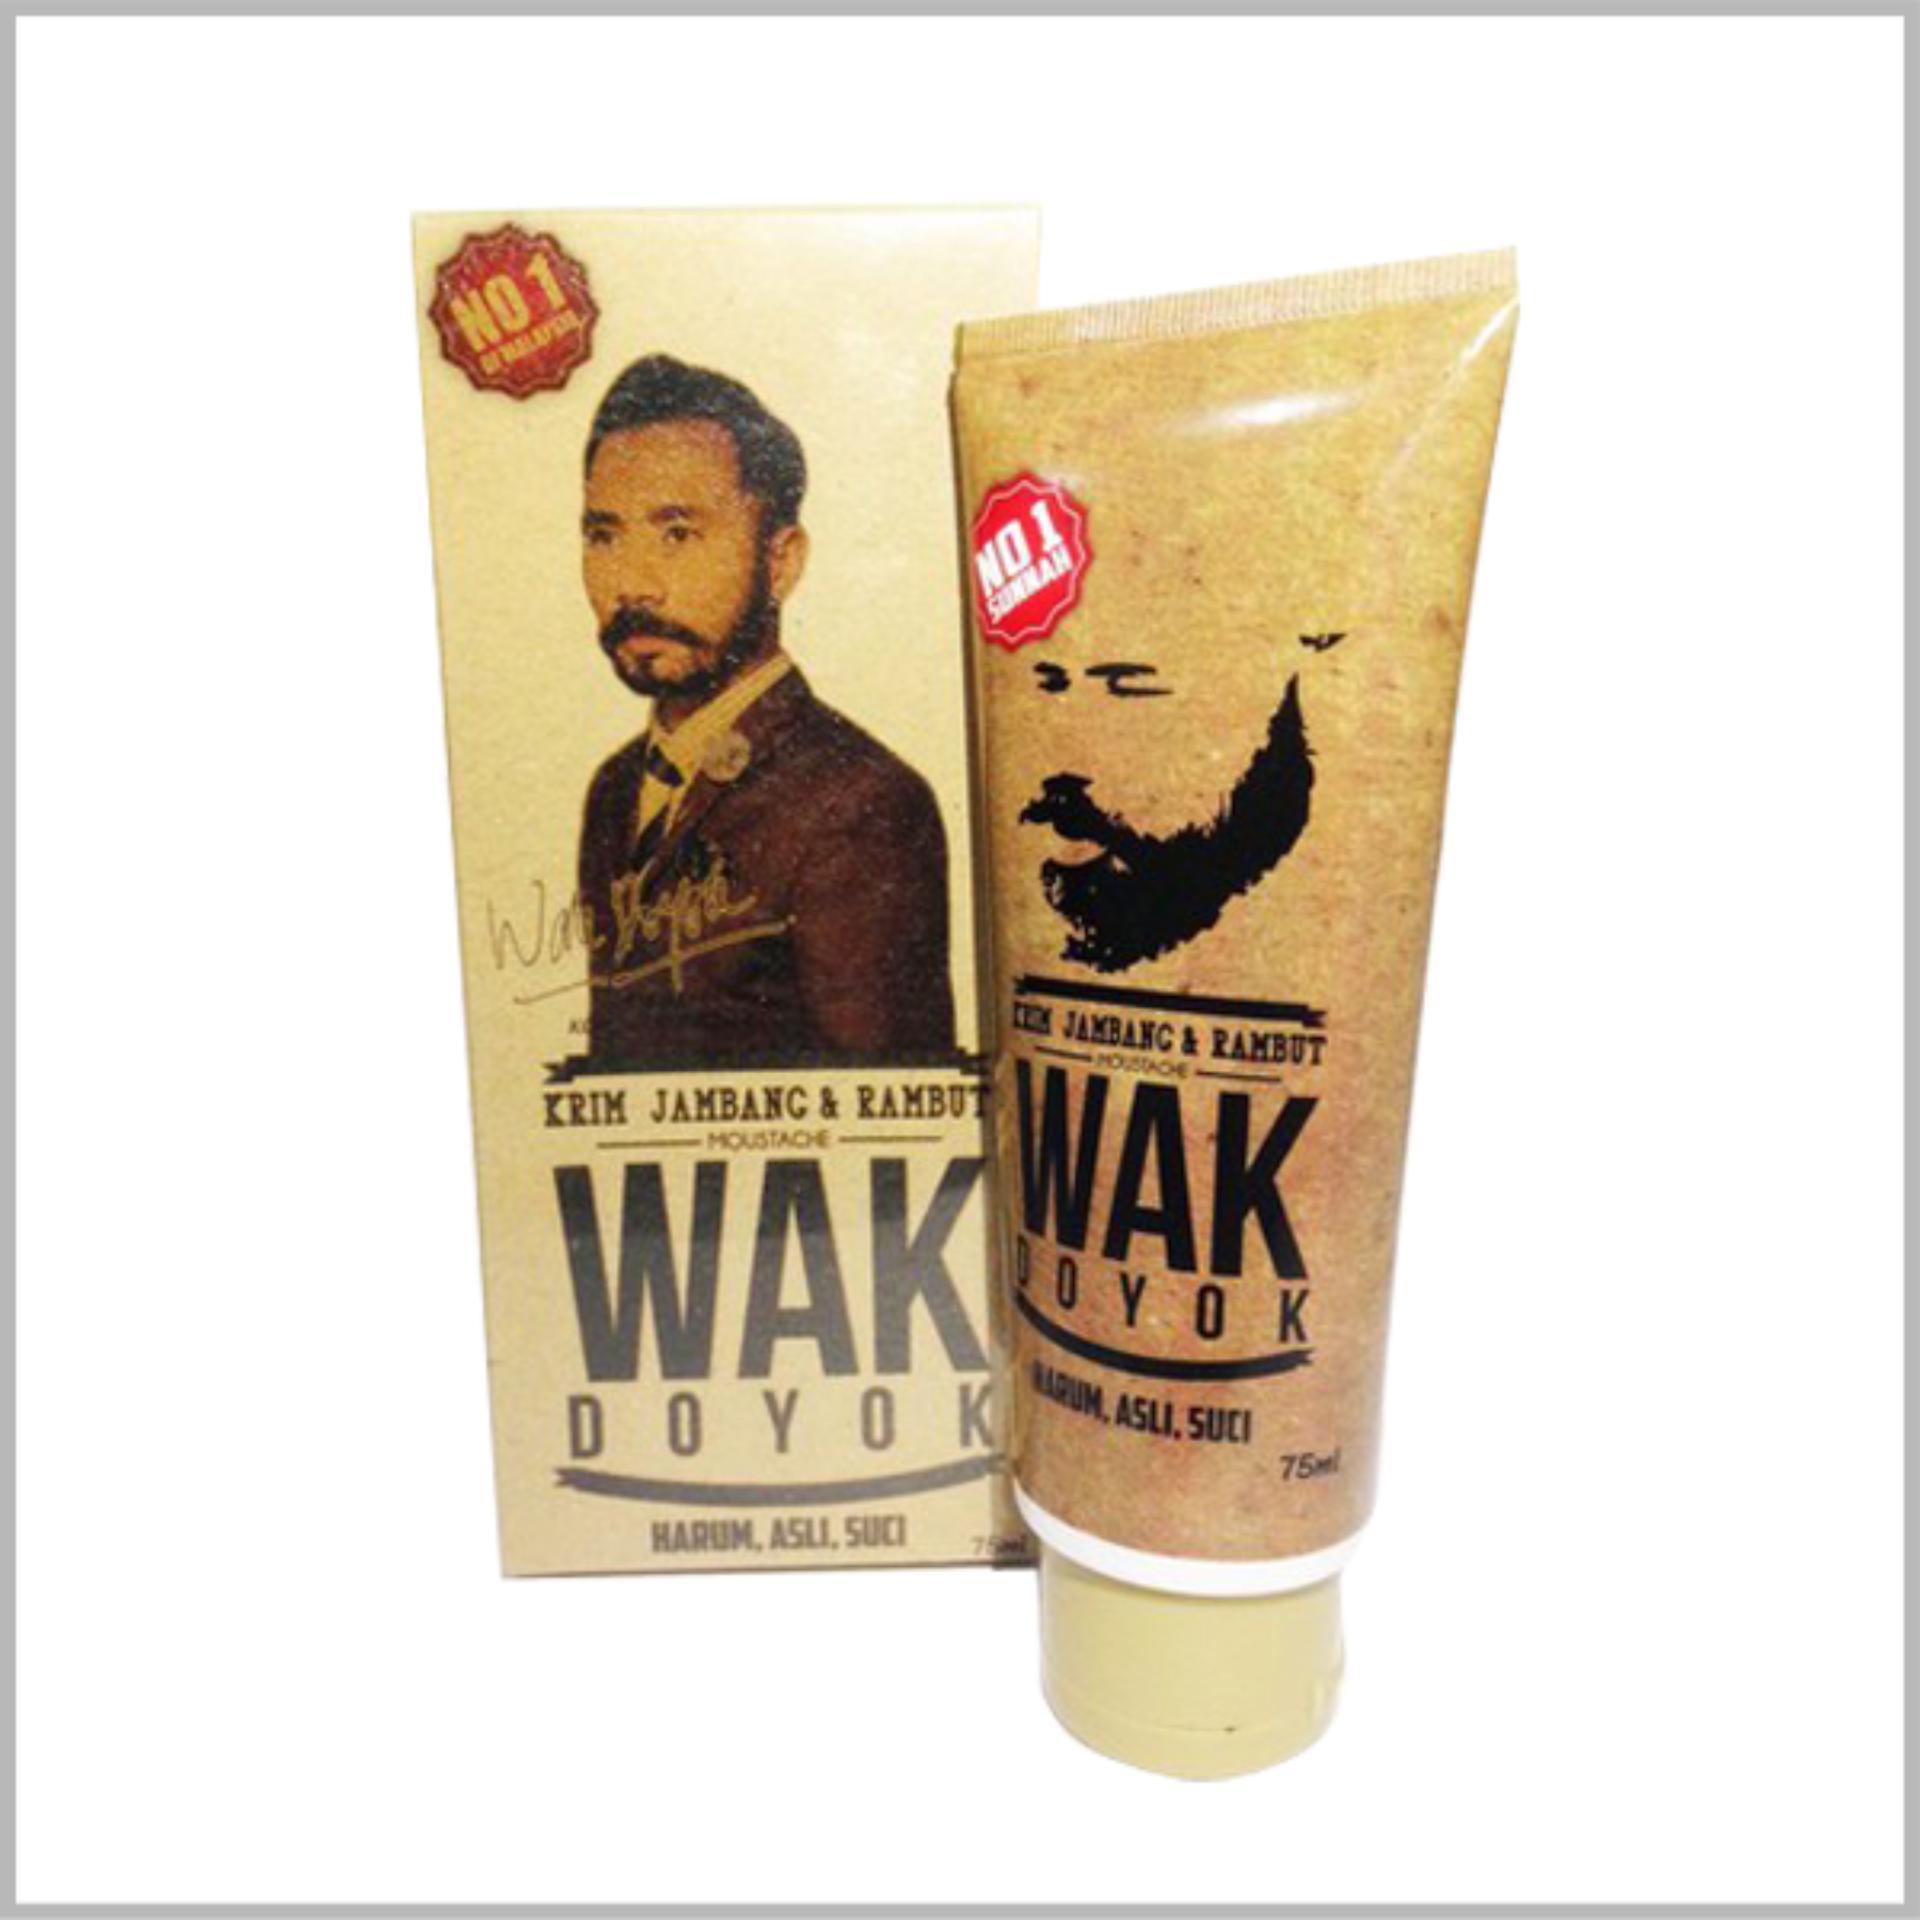 ... Rambut Dan Jenggot 75ml Jual Bulu Kumis Wak Doyok Berhologram Original Cream Penumbuh Jambang Herbal Dada